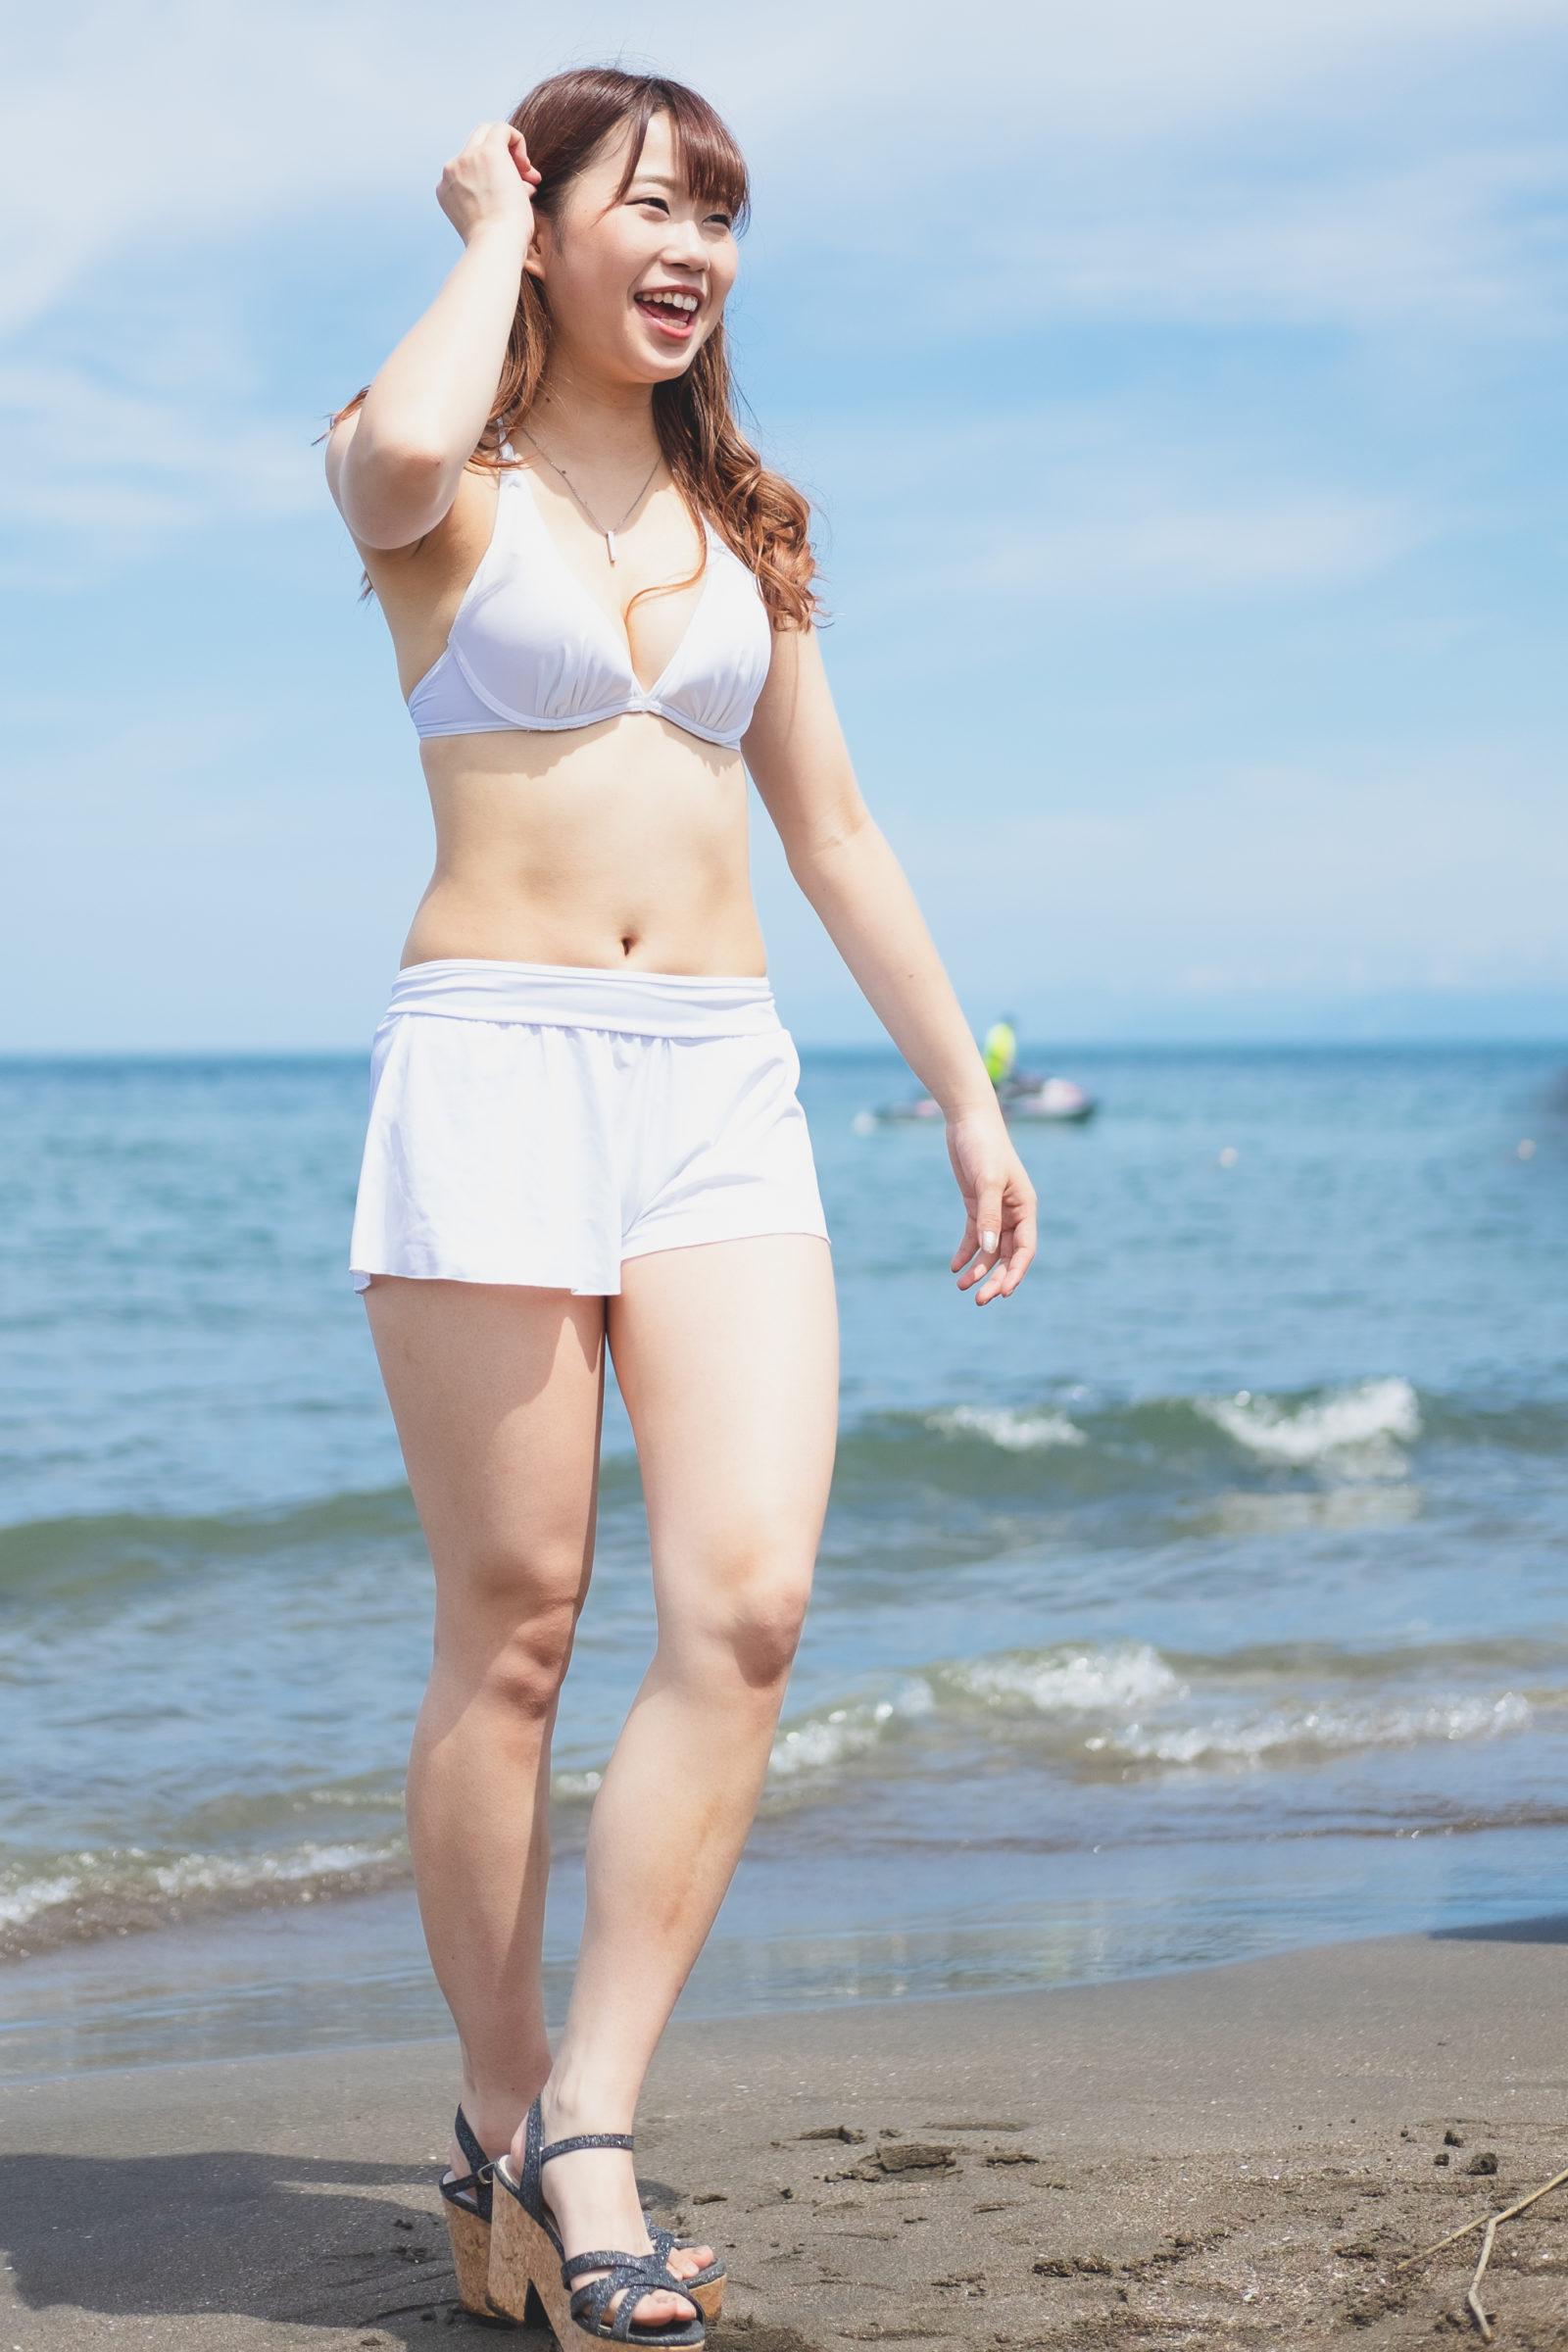 橋本明日香 | ライブプロ海イベント2020水着撮影会